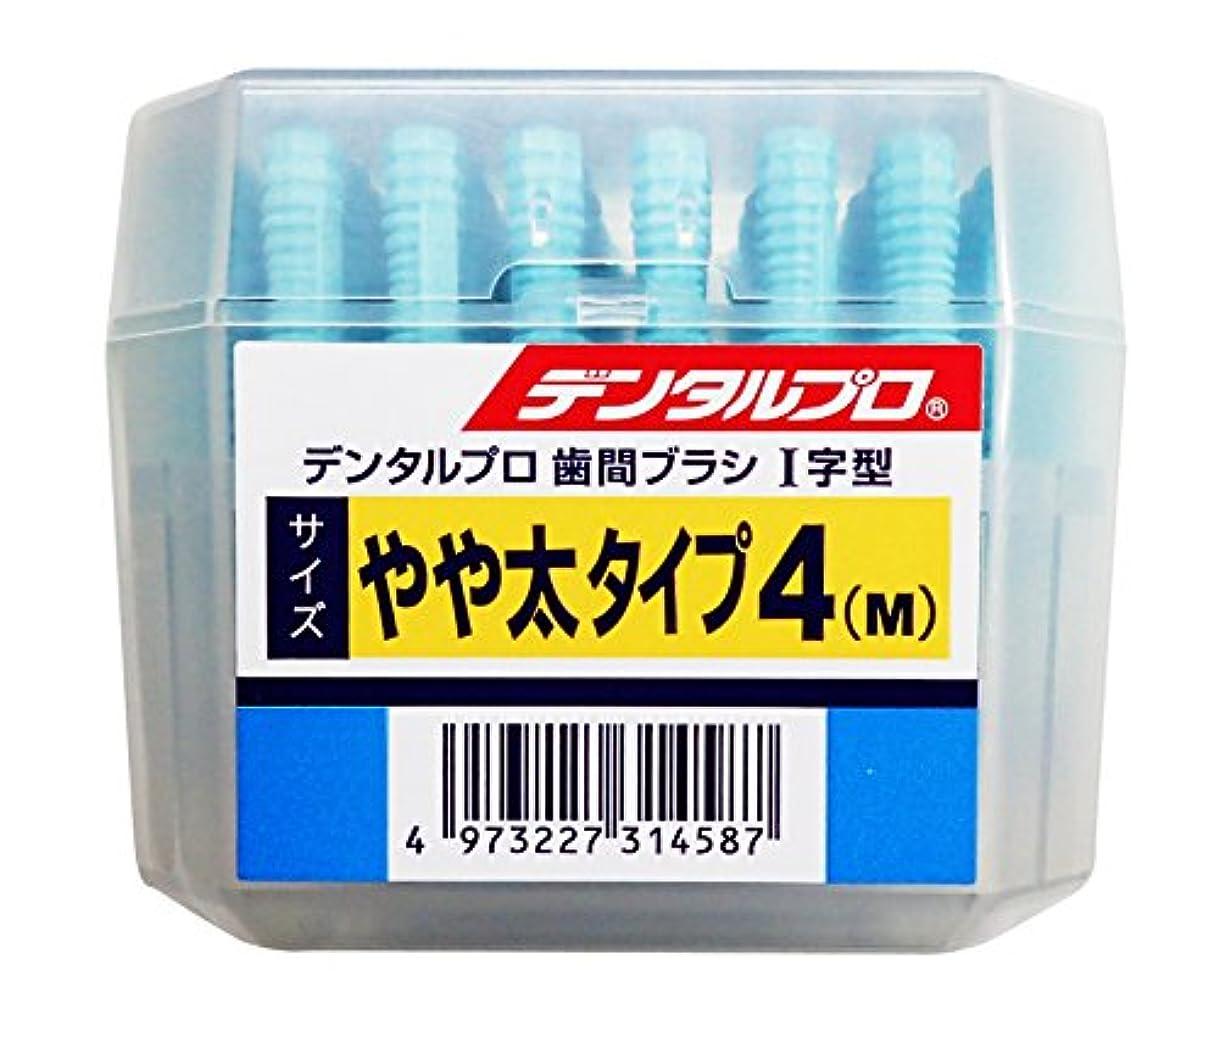 肉屋クライストチャーチ丘デンタルプロ 歯間ブラシ<I字型> サイズ4(M) 50本